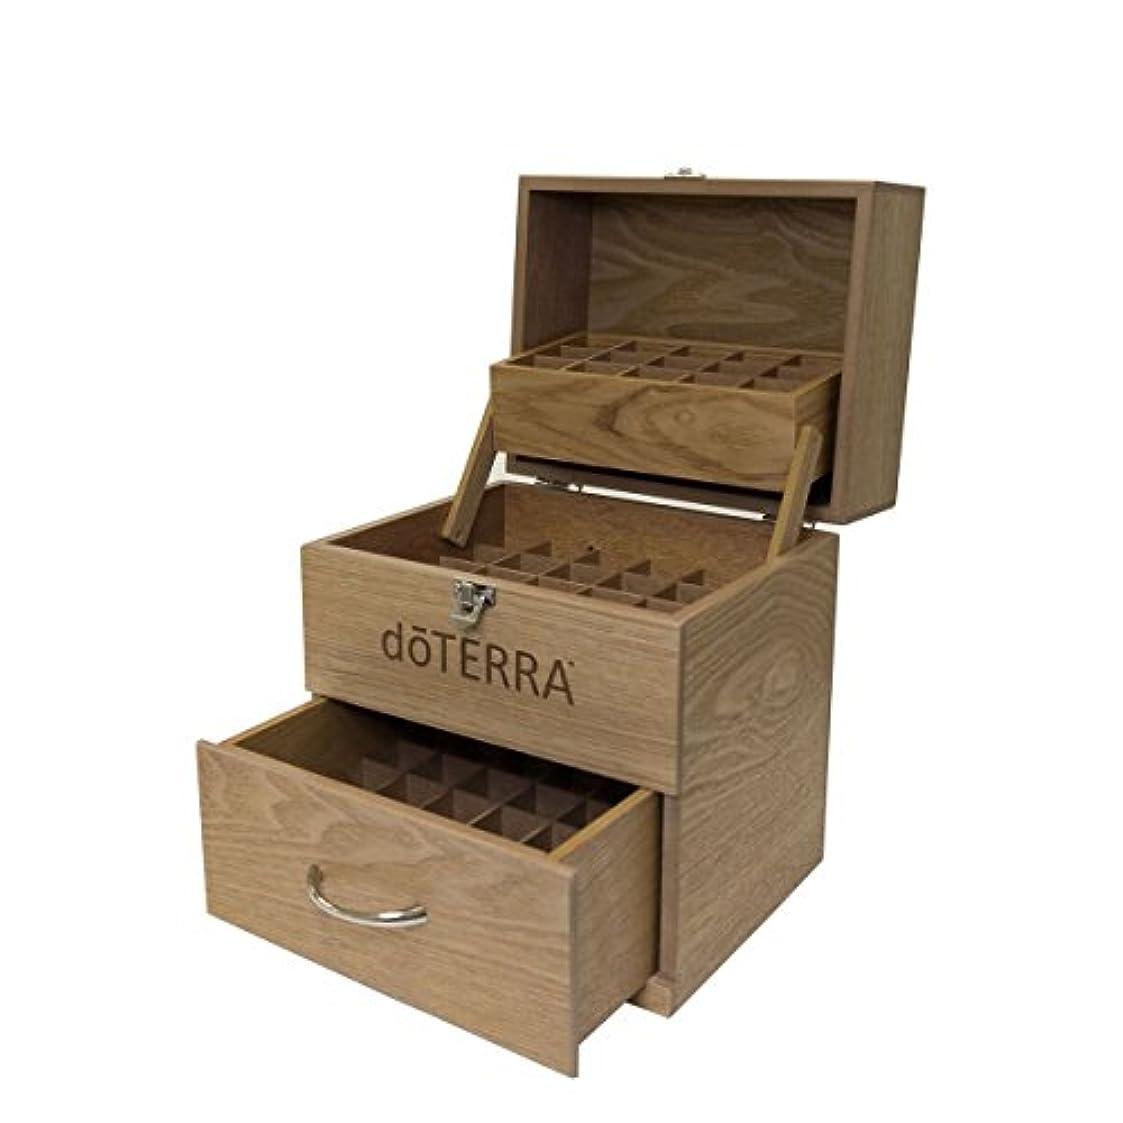 接辞校長親愛な(ドテラ) doTERRA ウッドボックス ライトブラウン 窓付き 木箱 エッセンシャルオイル 精油 整理箱 3段ボックス 75本